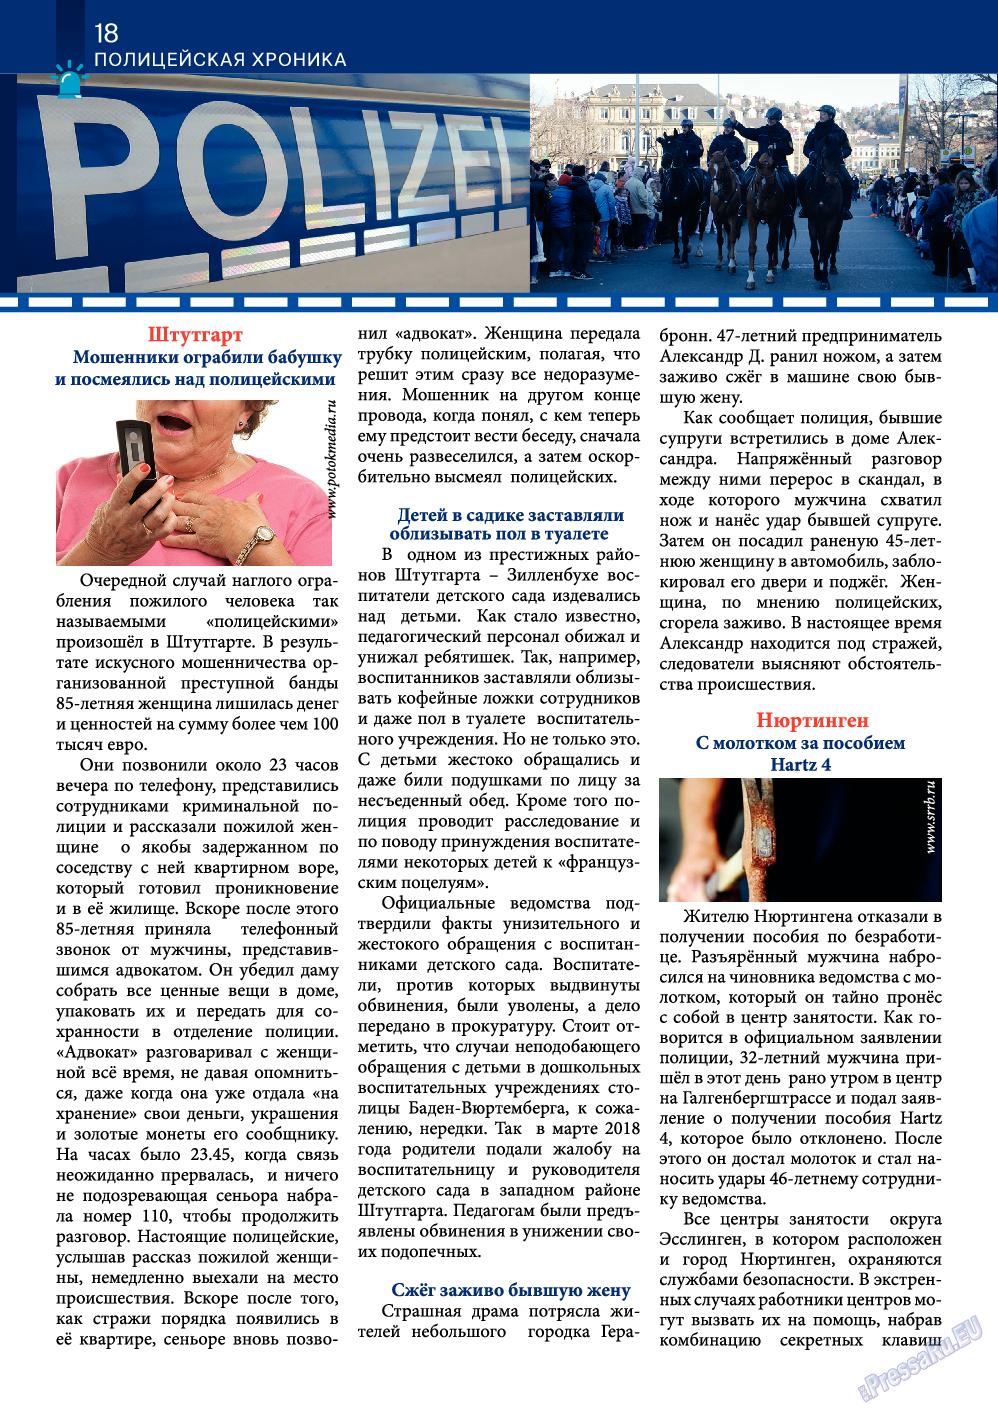 Русский Штутгарт (журнал). 2019 год, номер 102, стр. 18